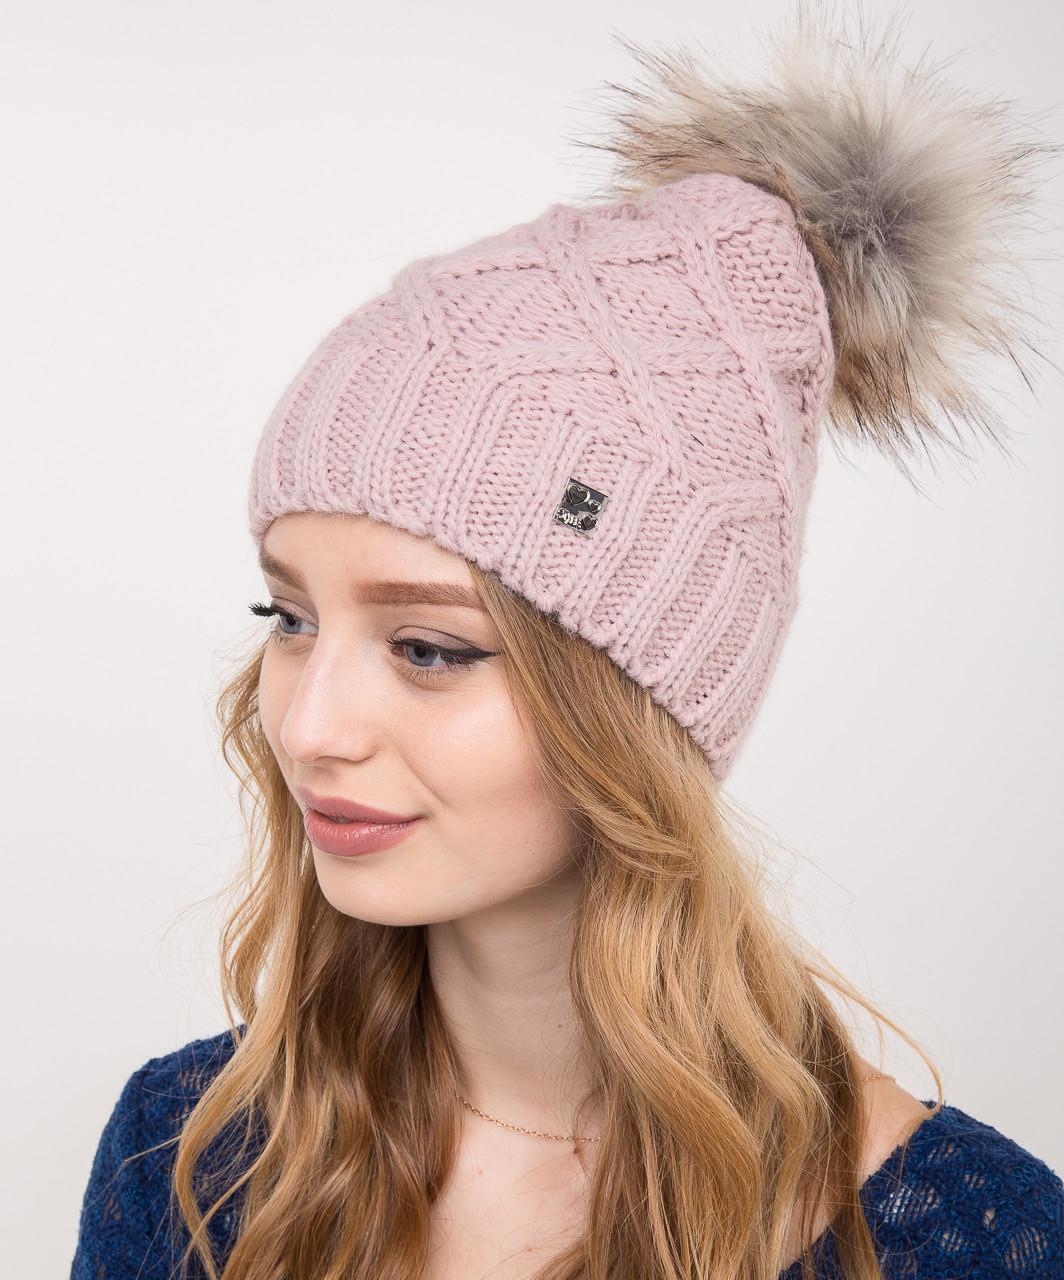 Женская вязанная шапка с меховым помпоном на зиму - Артикул 2150-4